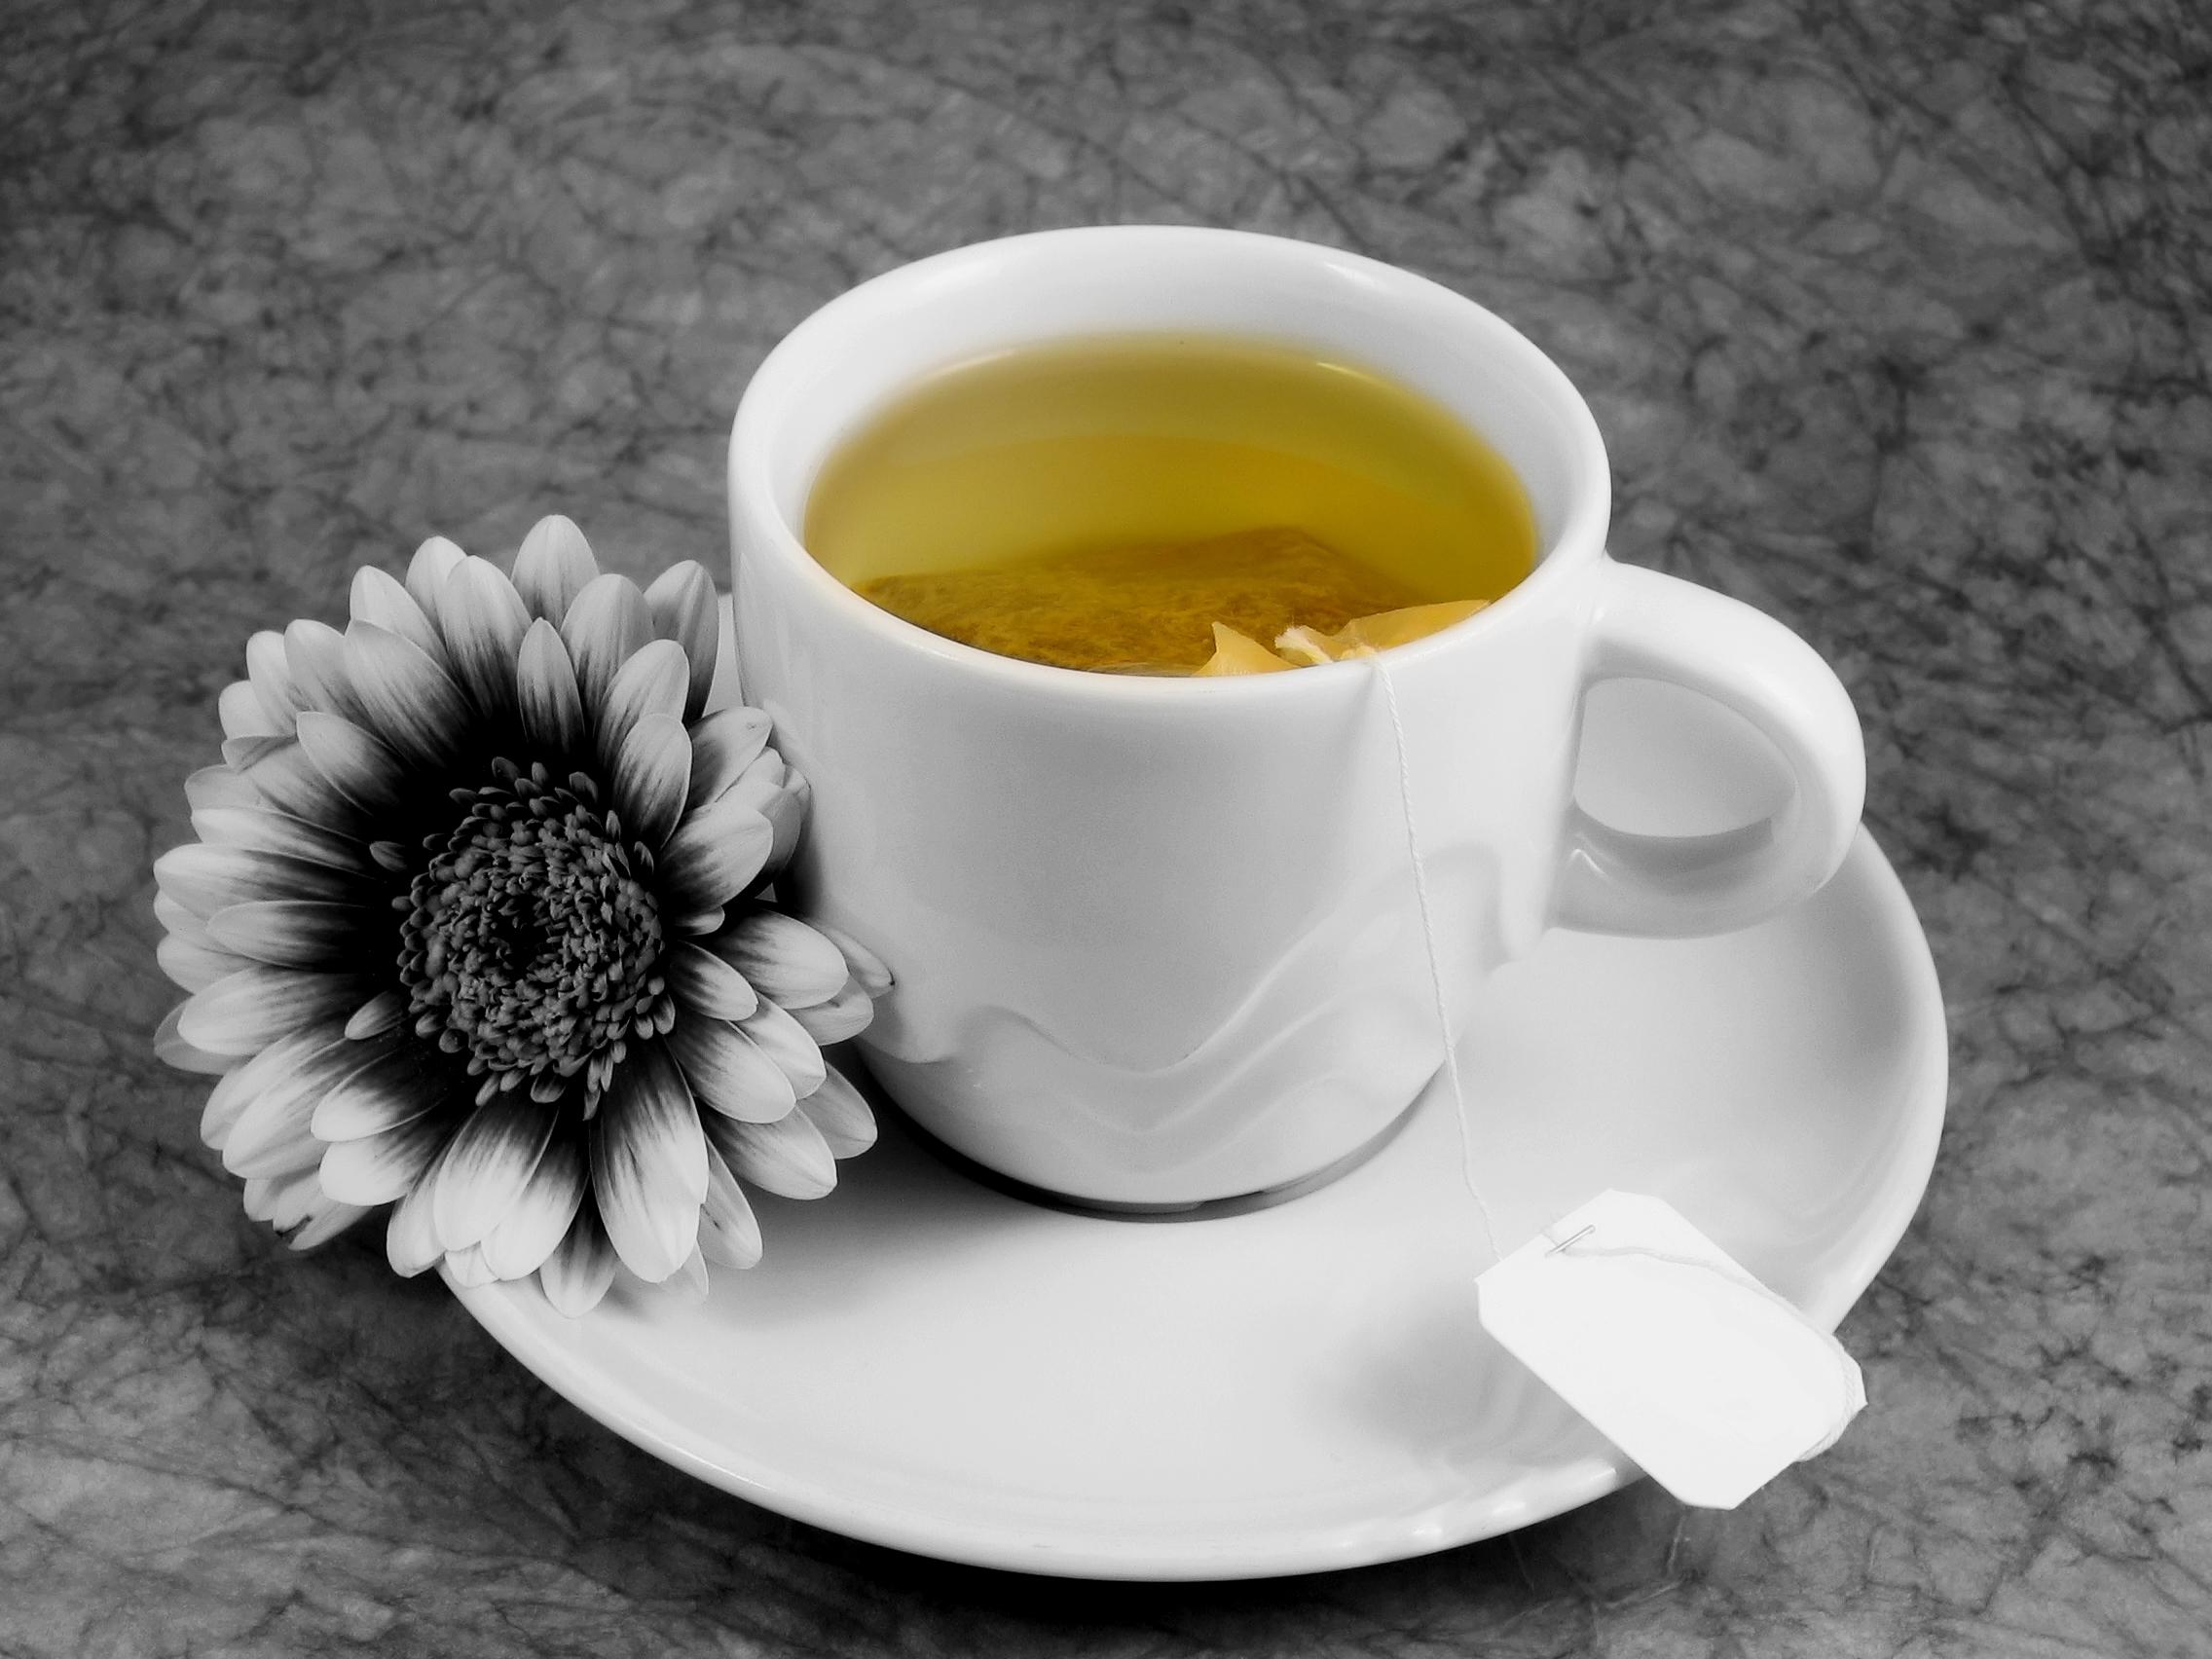 dreamstimefree_699252-cup-of-tea-with-flower.jpg